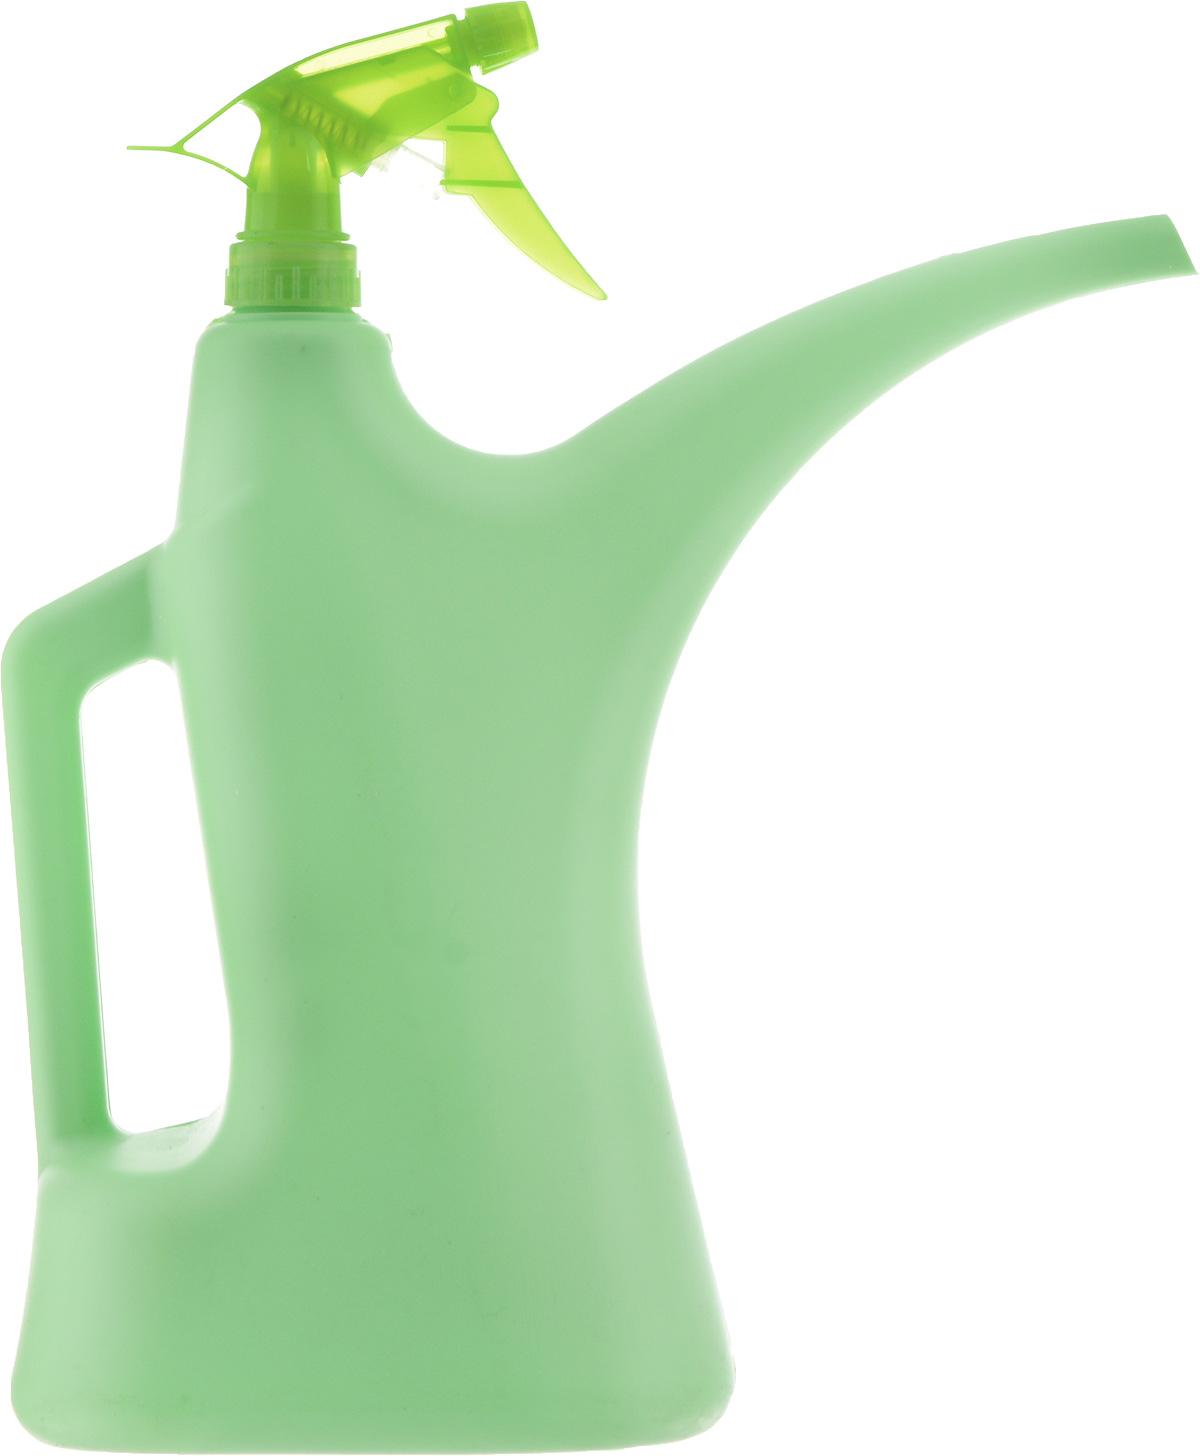 Лейка-распылитель Альтернатива, цвет: салатовый, 2 лM276_салатовыйЛейка-распылитель Альтернативапредназначена для полива насажденийна приусадебном участке или комнатныхрастений дома. Она выполнена изпластика и имеет небольшую массу,что позволяет экономить силы приполиве. Удобство в использованиитакже обеспечивается за счетэргономичной ручки лейки.Изделие снабжено пульверизаторомдля удобного опрыскивания листьев.Размер лейки-распылителя: 32 х 28 х 11 см.